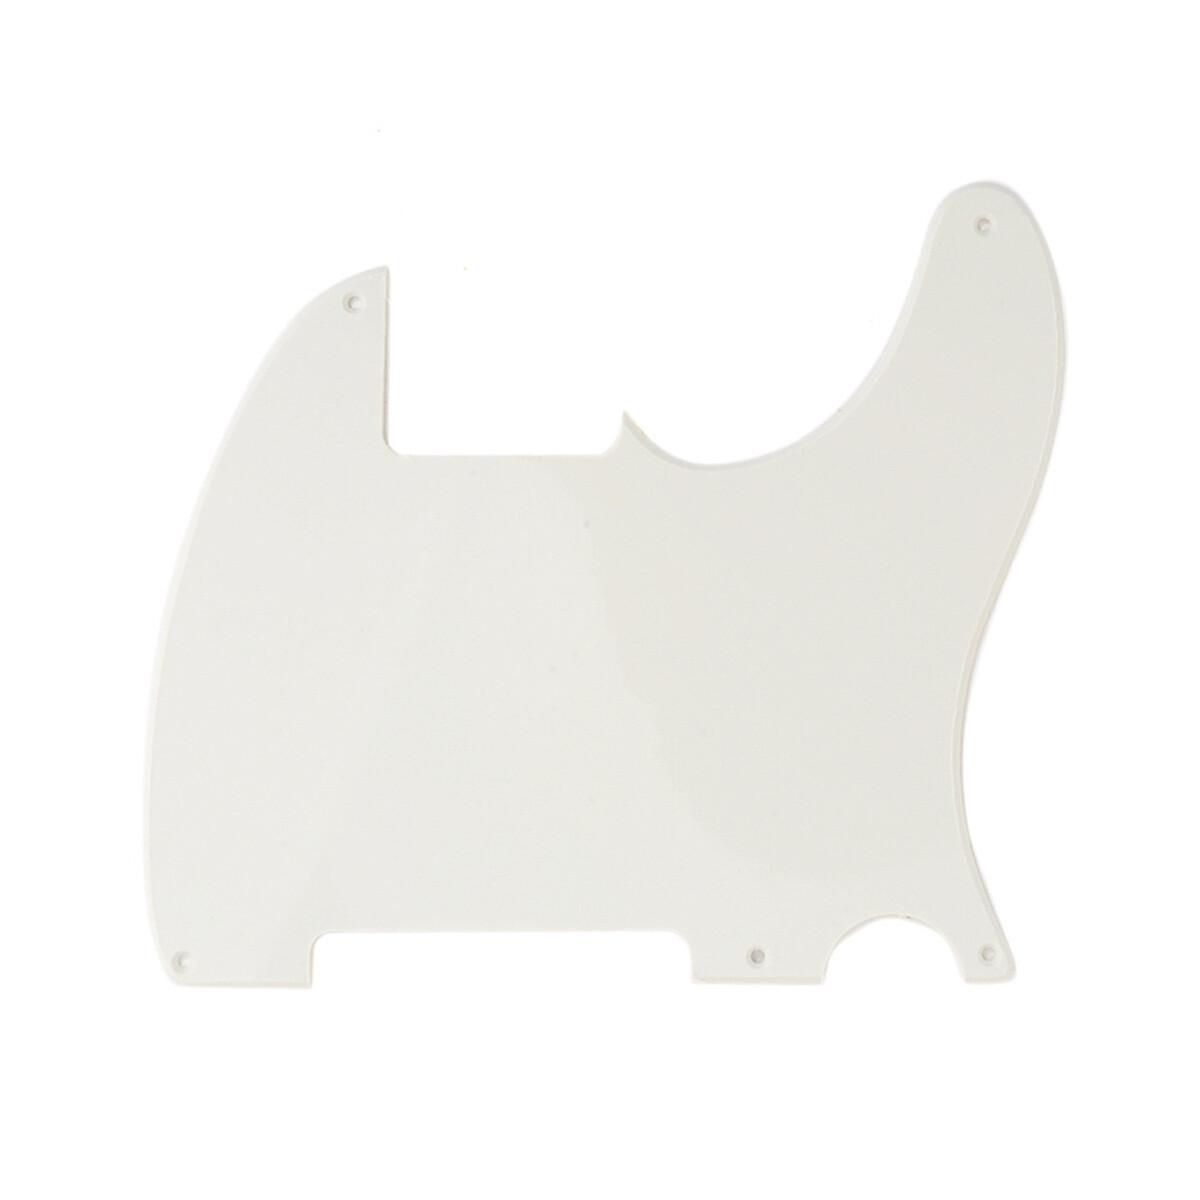 Brio Vintage Esquire 5 Hole Tele® Pickguard RH 1 Ply Parchment